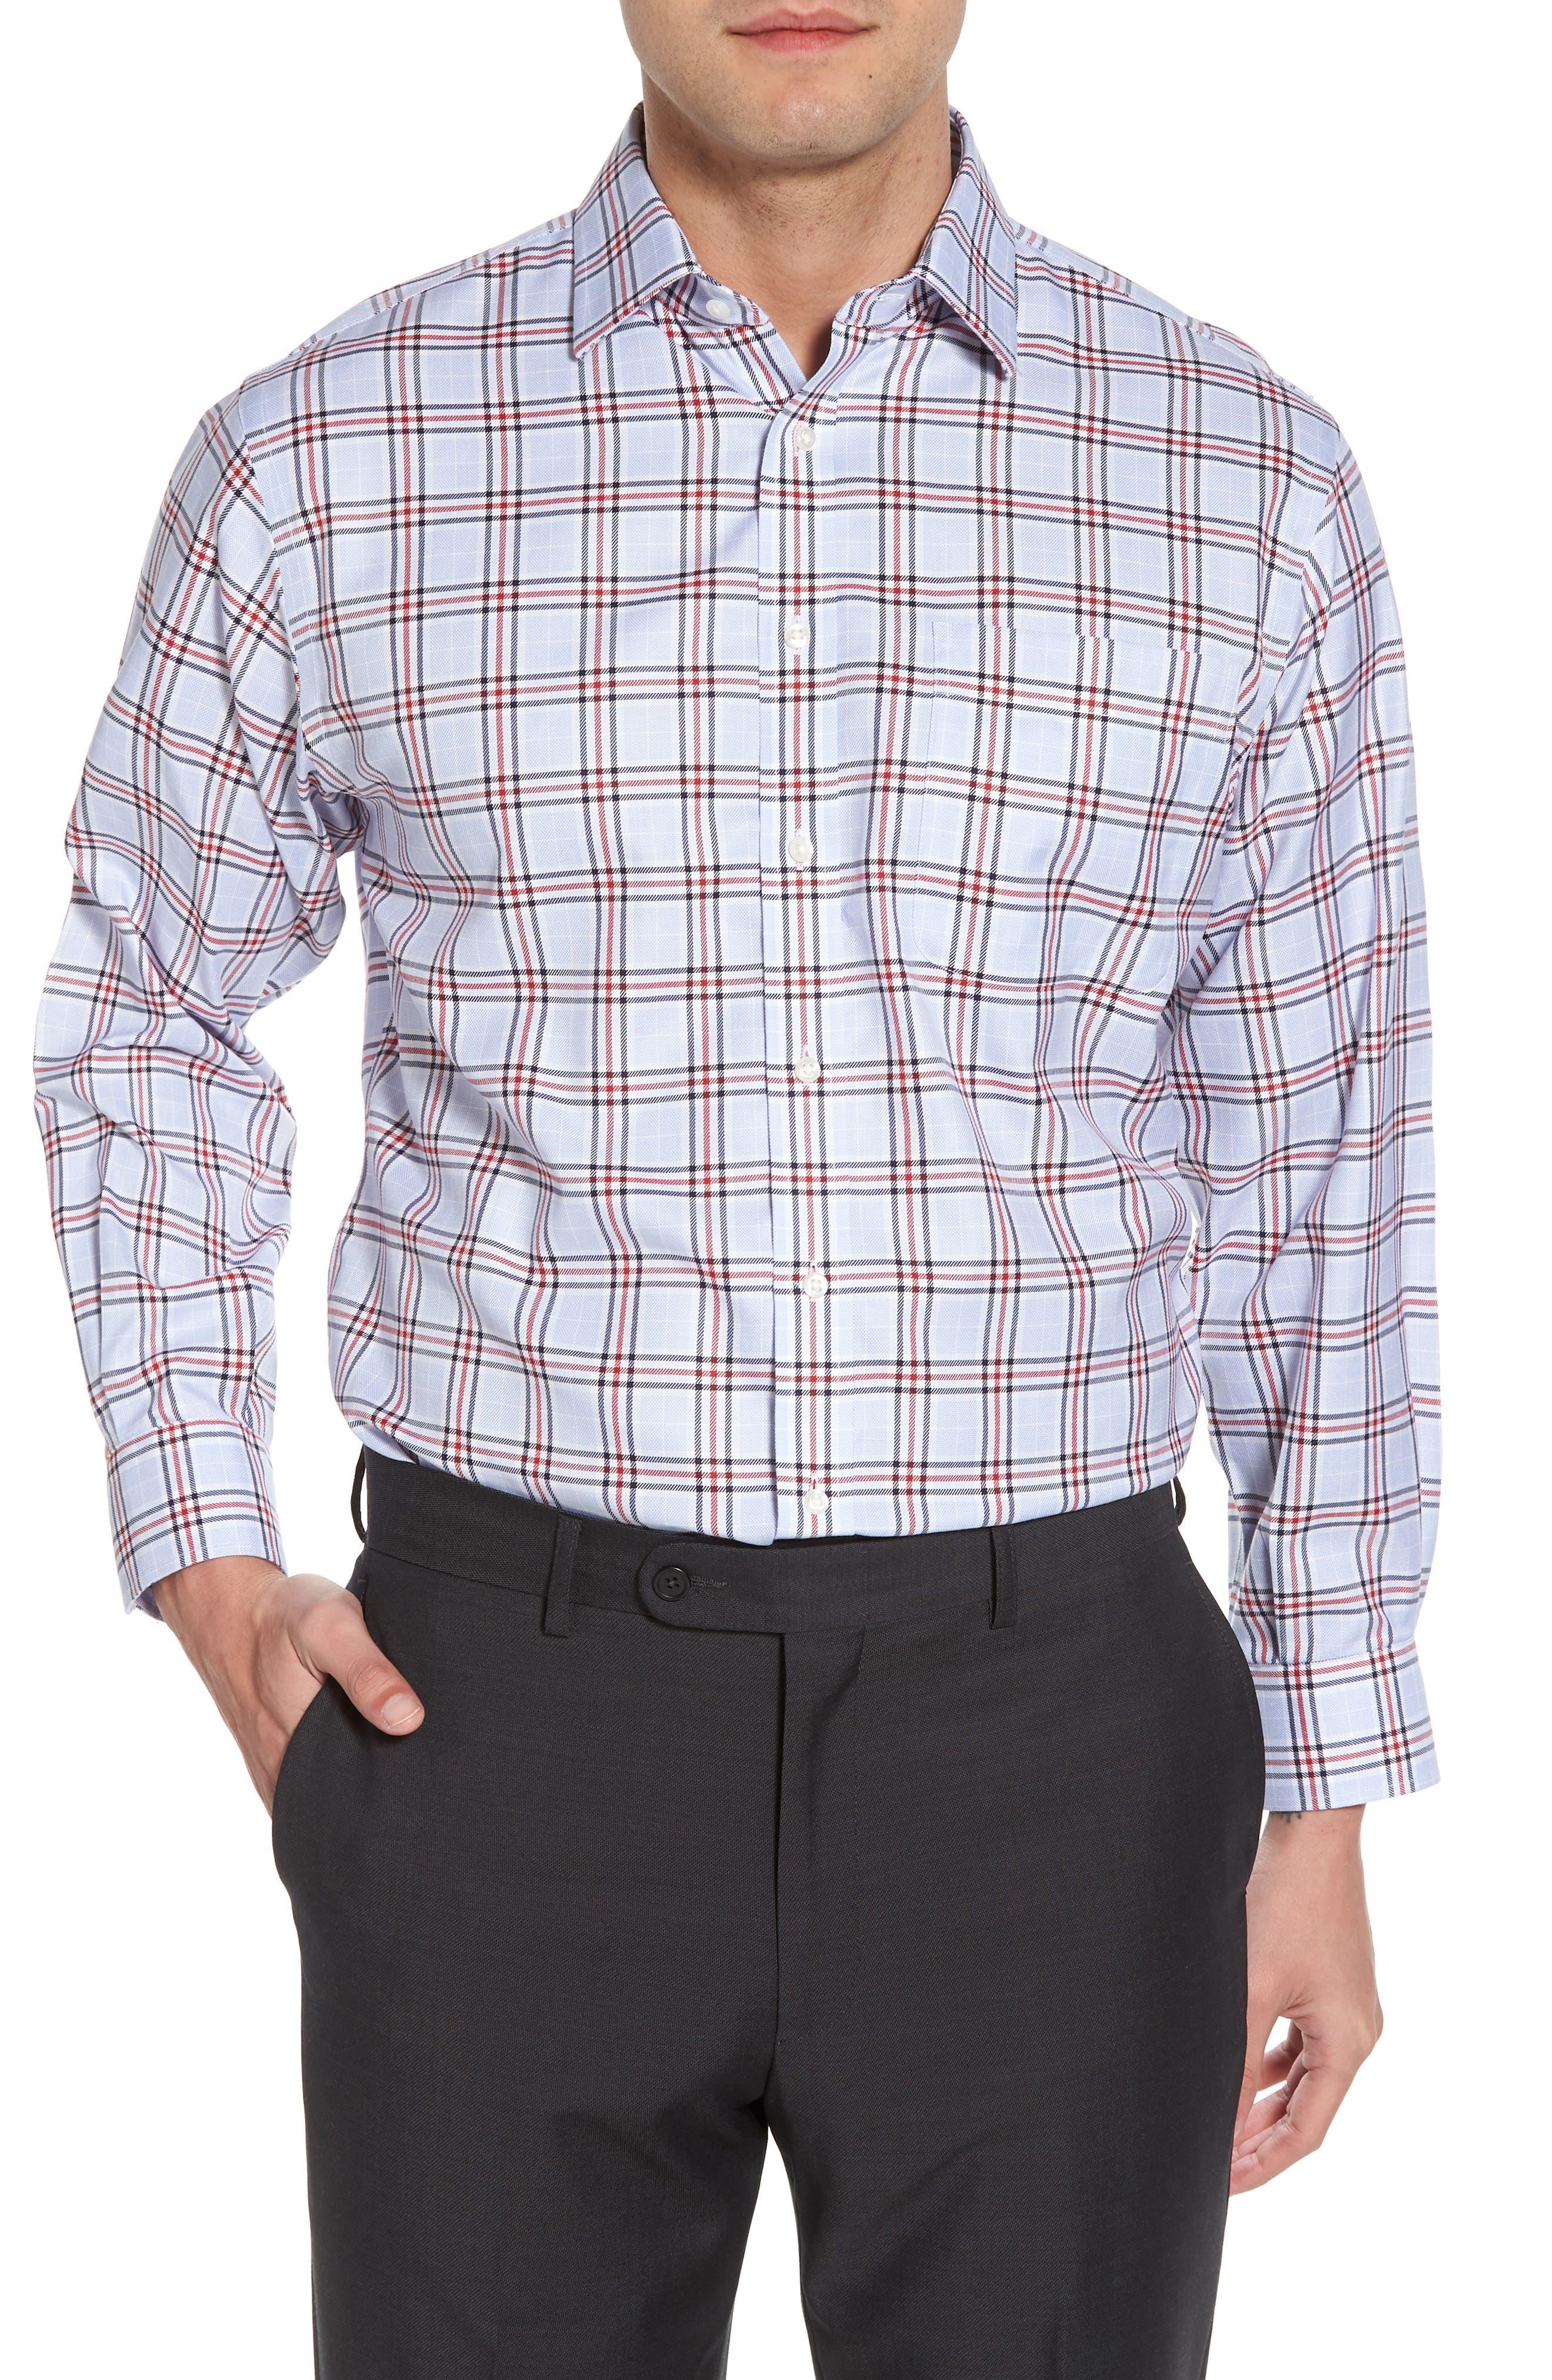 Smartcare<sup>™</sup> Classic Fit Plaid Dress Shirt,                             Main thumbnail 1, color,                             601